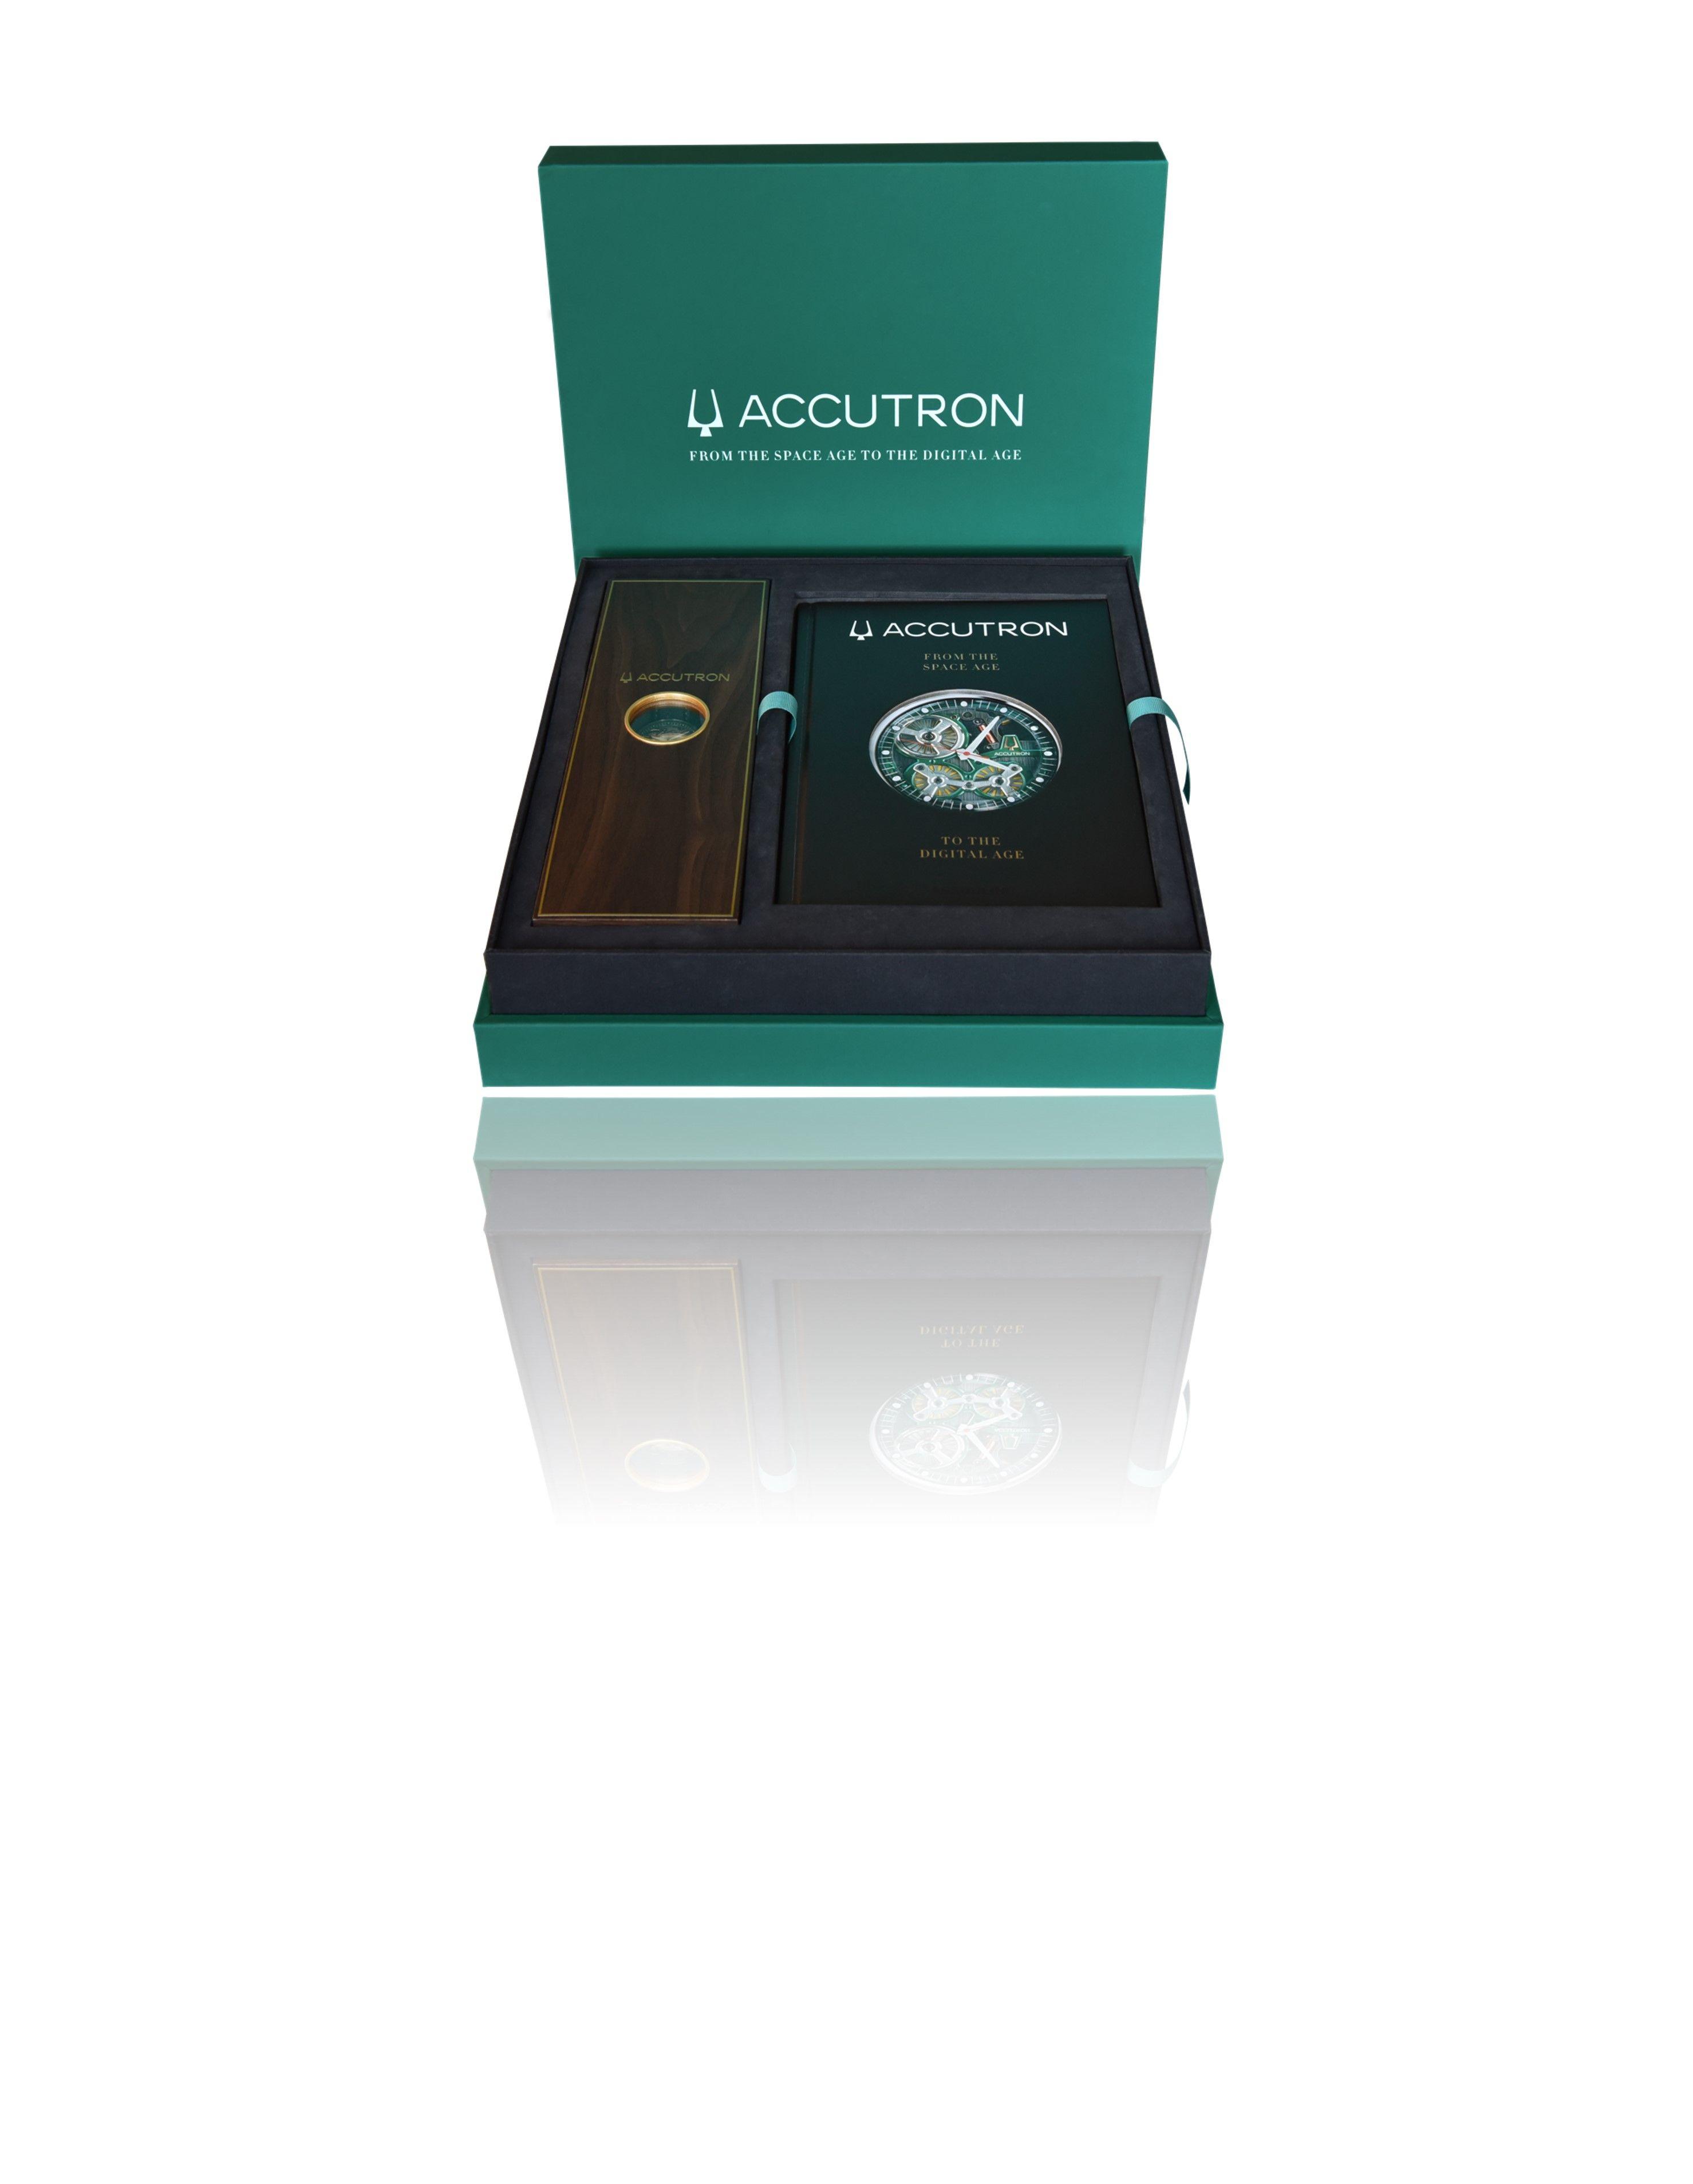 """アメリカの時計ブランド「アキュトロン」 生誕60周年を機に、世界初""""静電誘導""""機能を搭載した【アキュトロン スペースビュー 2020】発売"""